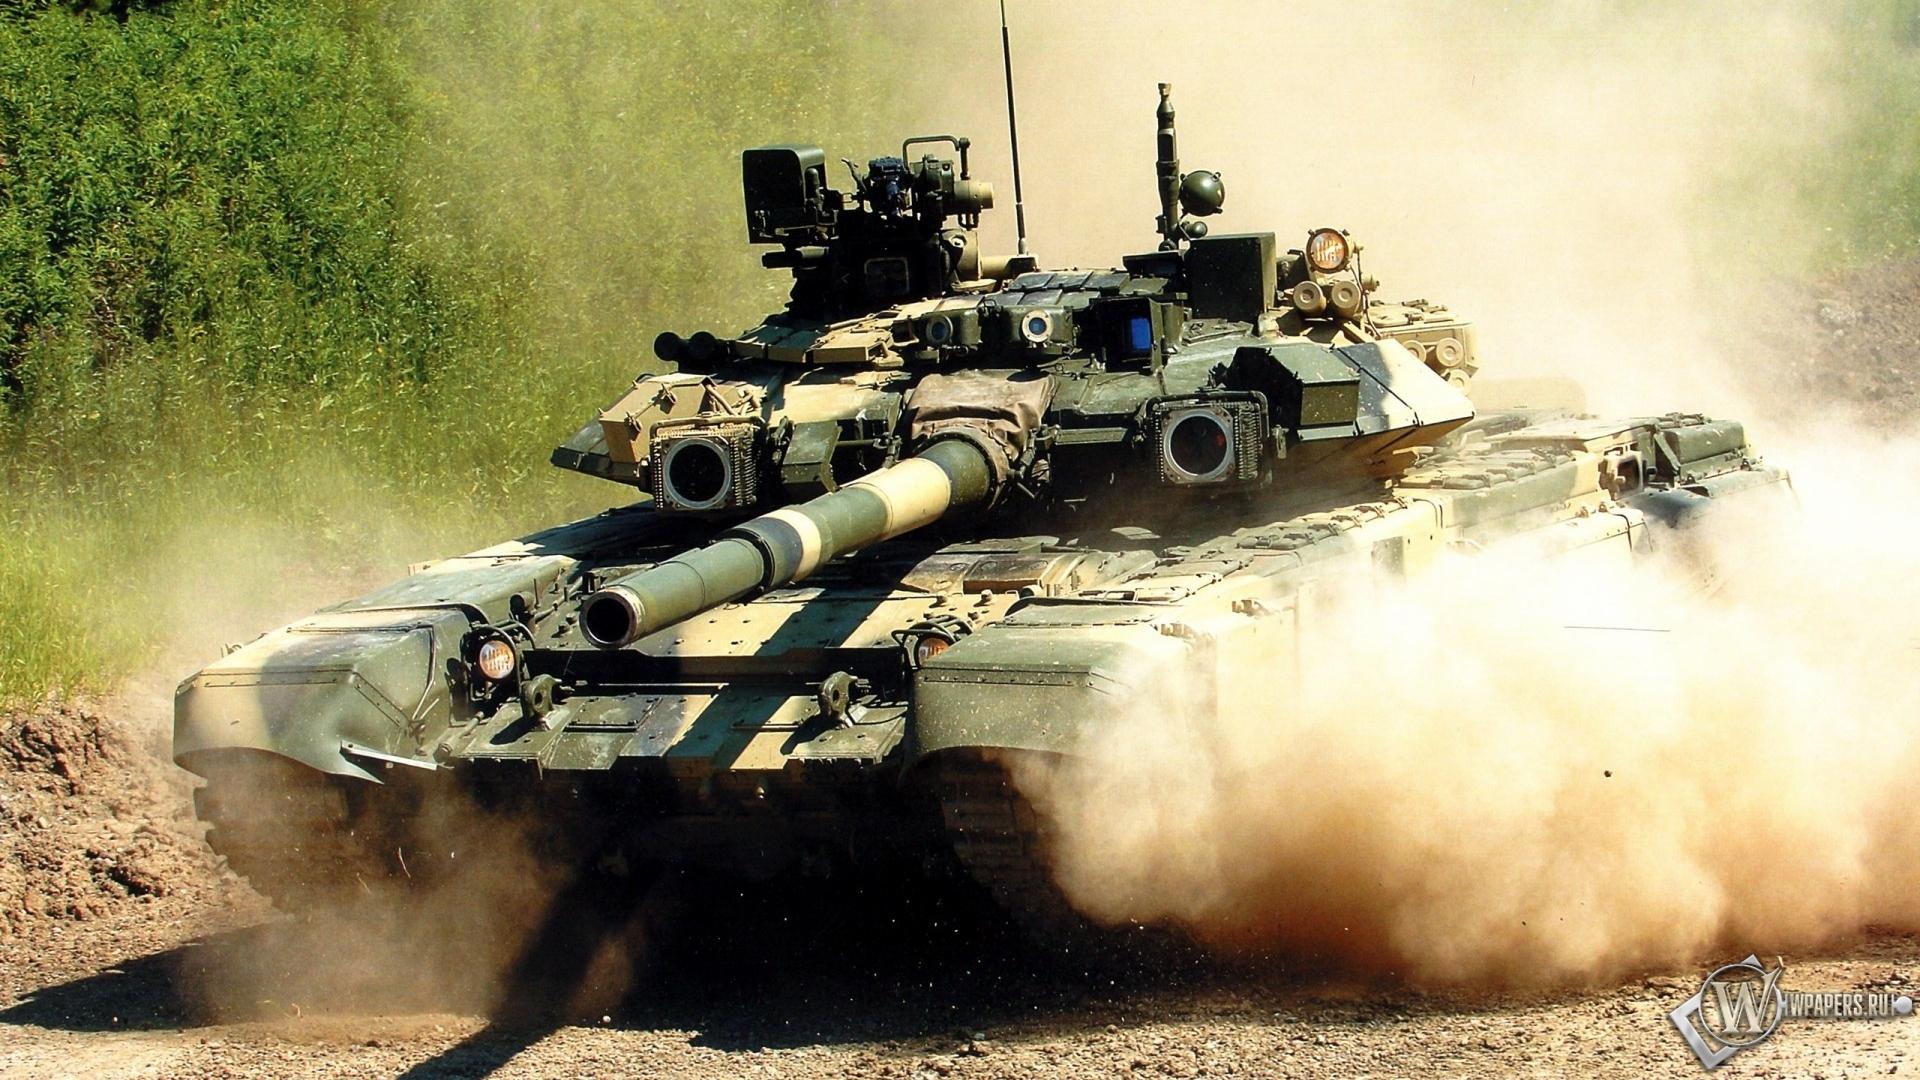 Скачать обои Танк Т-90 (Оружие, Танк) для рабочего стола 1920х1080 ...